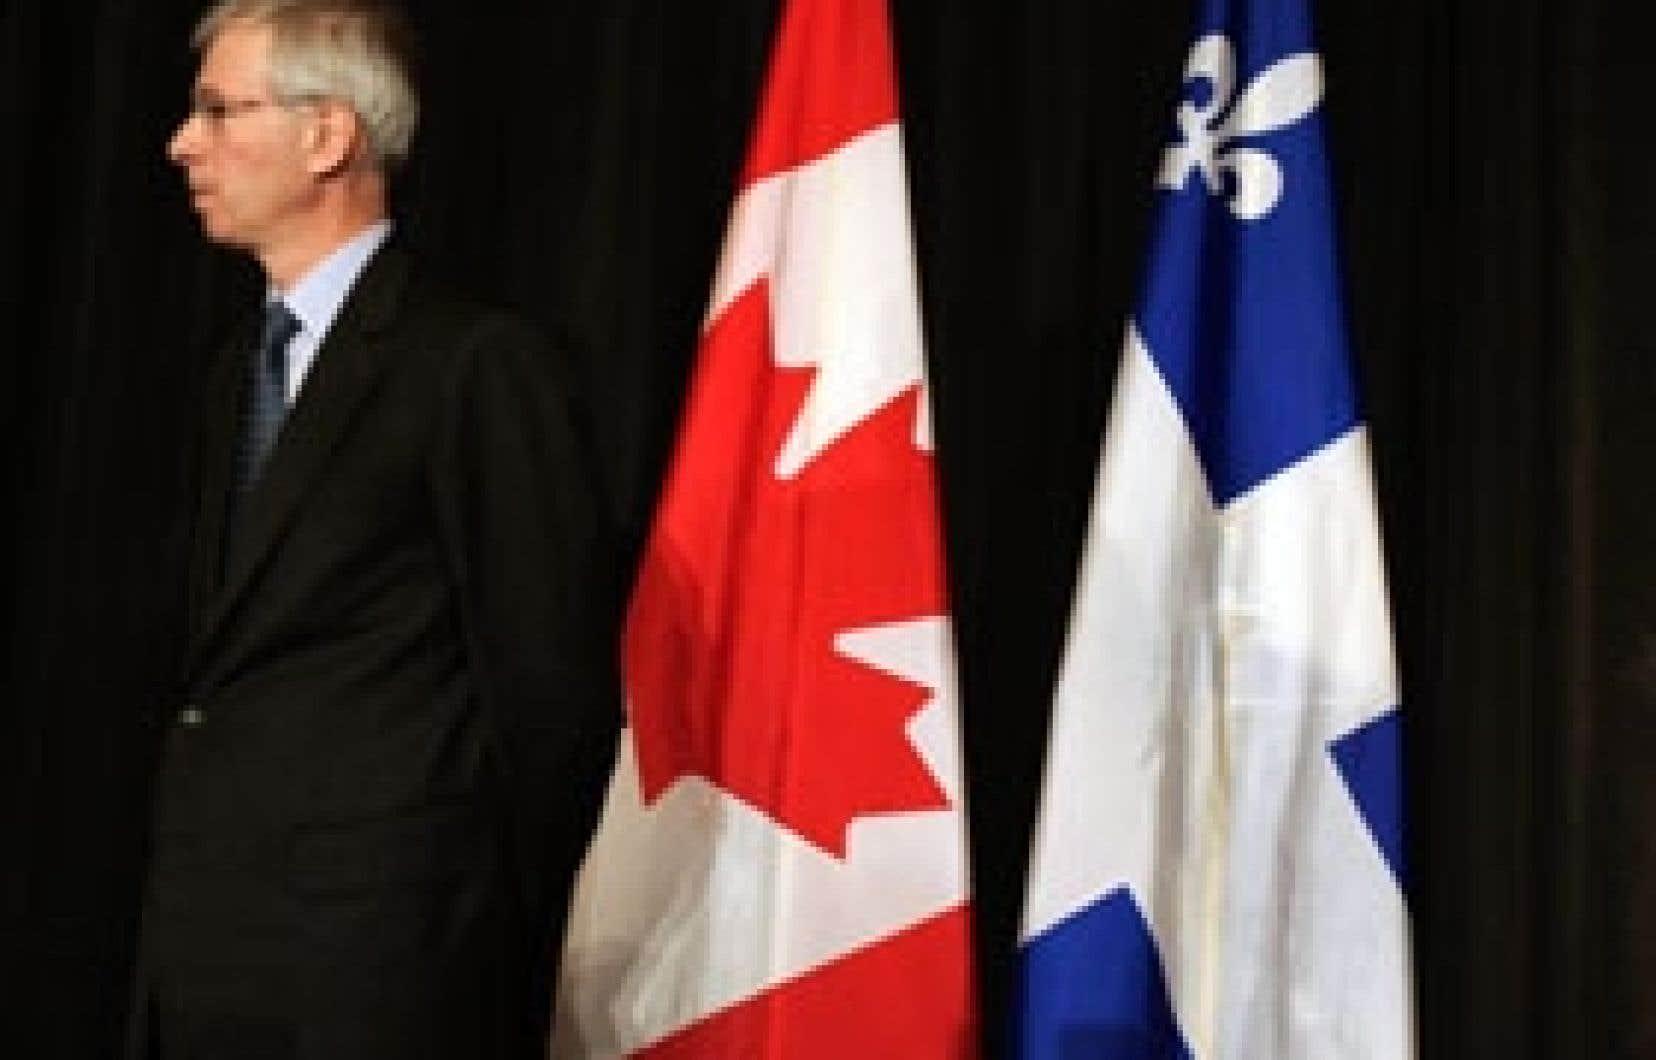 Servant sous Jean Chrétien, Stéphane Dion a, à une certaine époque, demandé à ses collègues du cabinet de cesser de travailler sur des scénarios portant sur la partition du Québec.